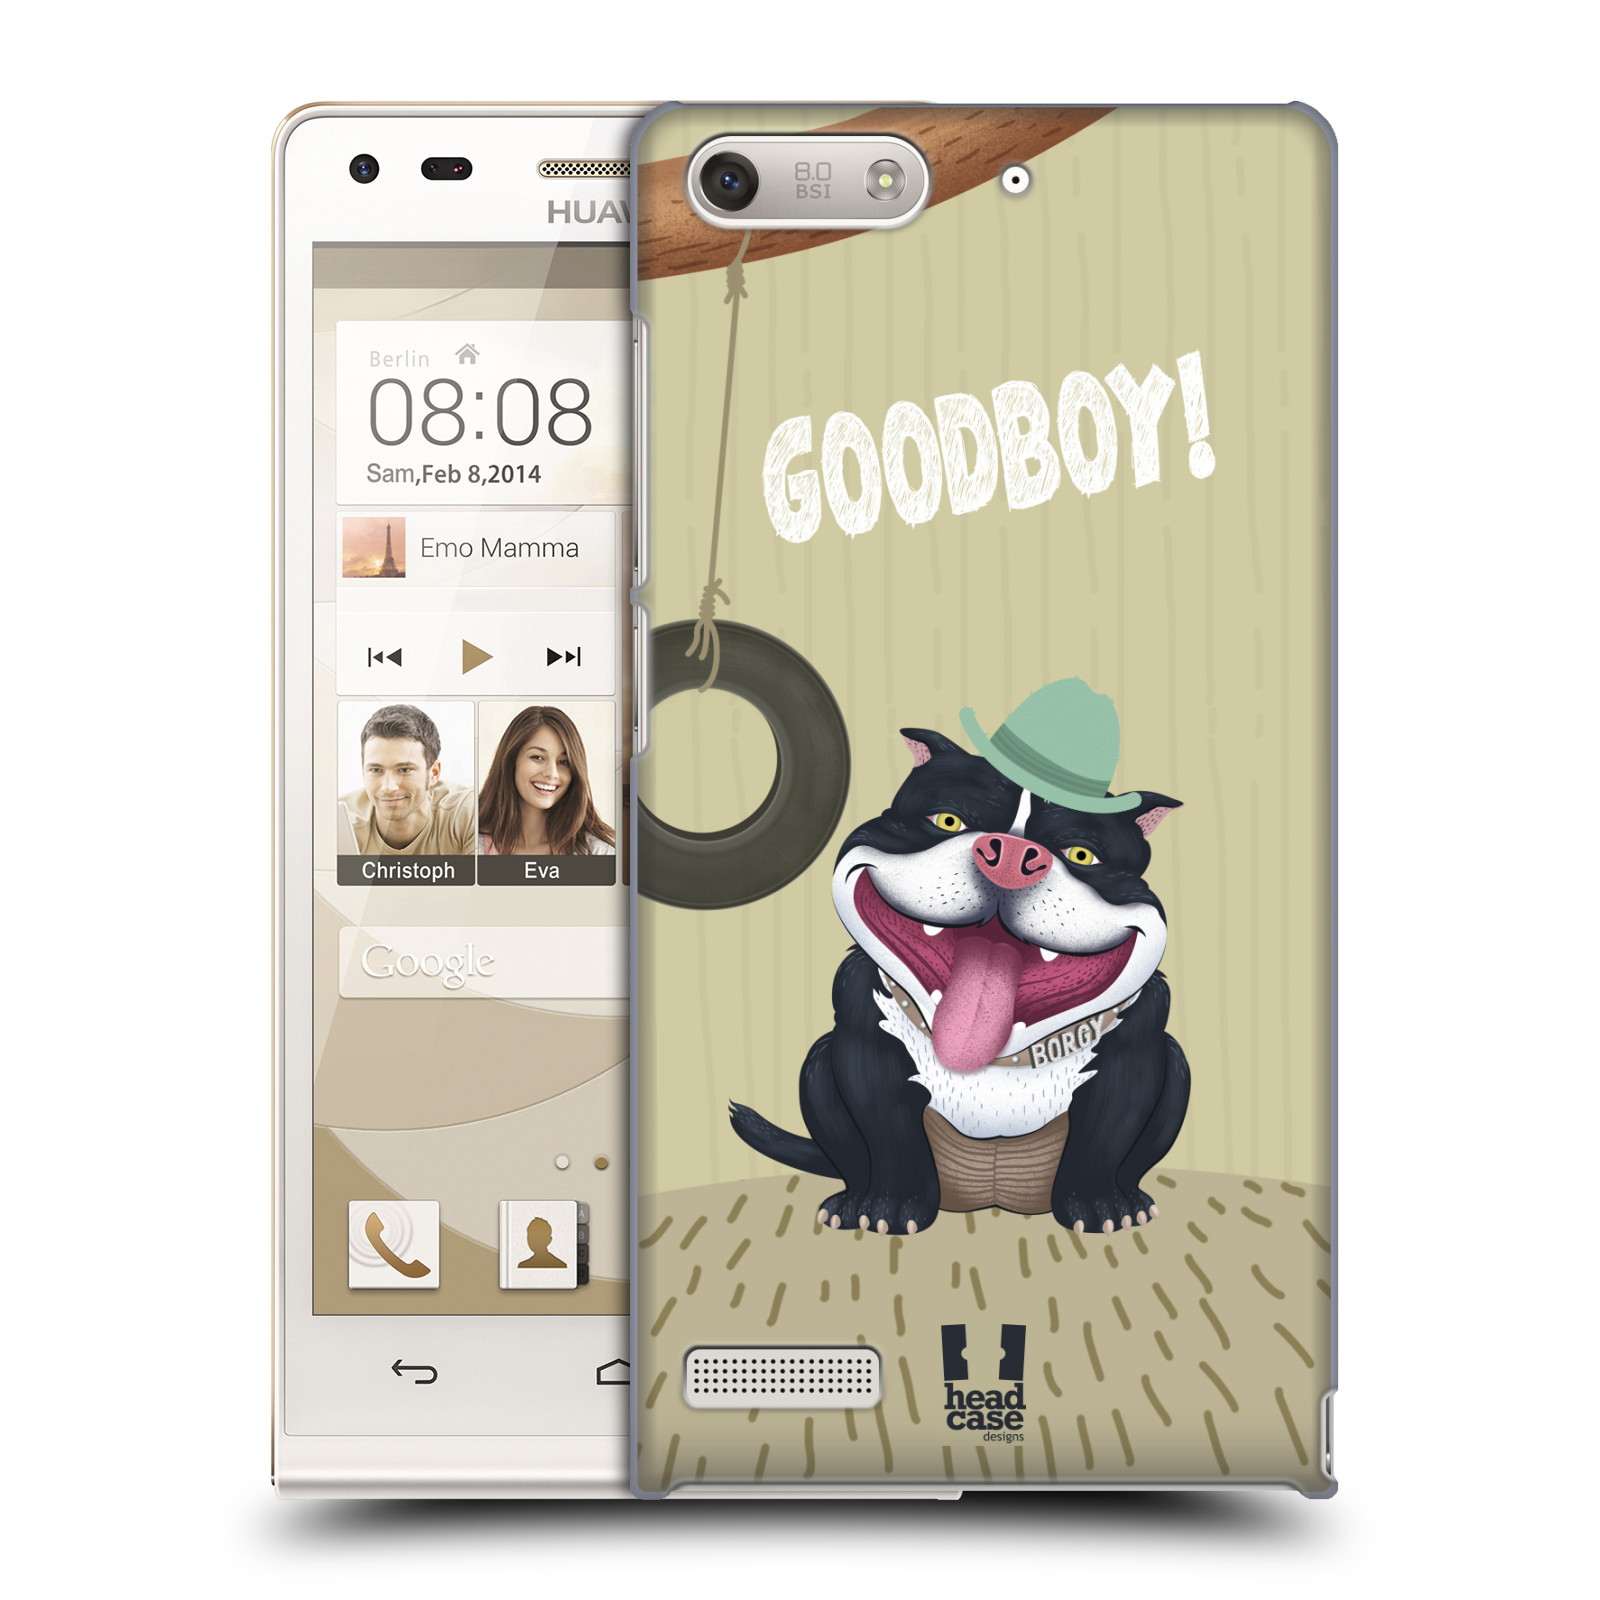 Plastové pouzdro na mobil Huawei Ascend G6 HEAD CASE Goodboy! Pejsek (Kryt či obal na mobilní telefon Huawei Ascend G6 bez LTE)